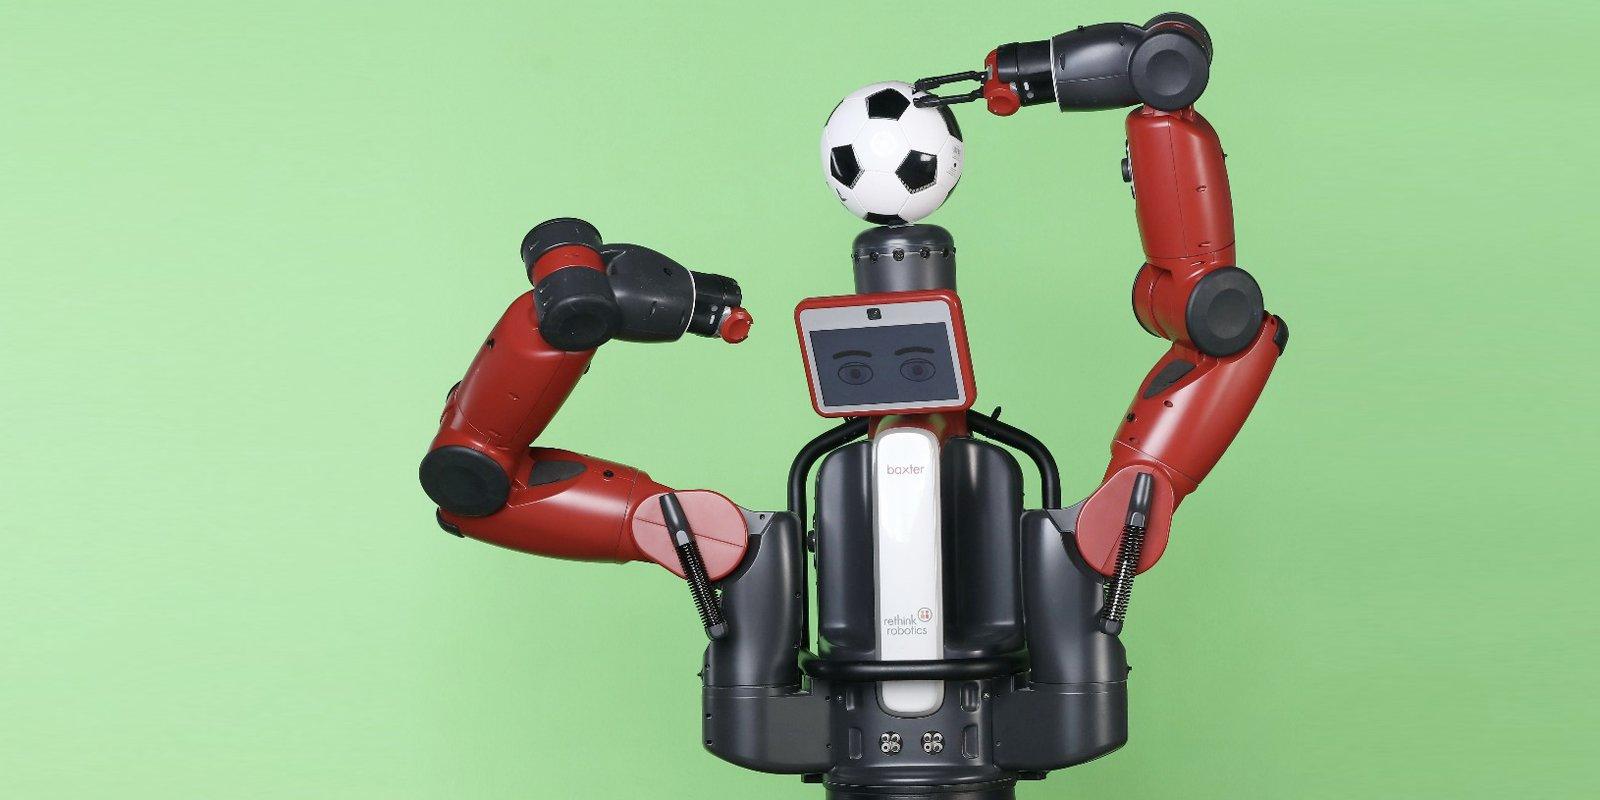 Московский робот Бакстер сделает прогноз на матч Россия - Саудовская Аравия